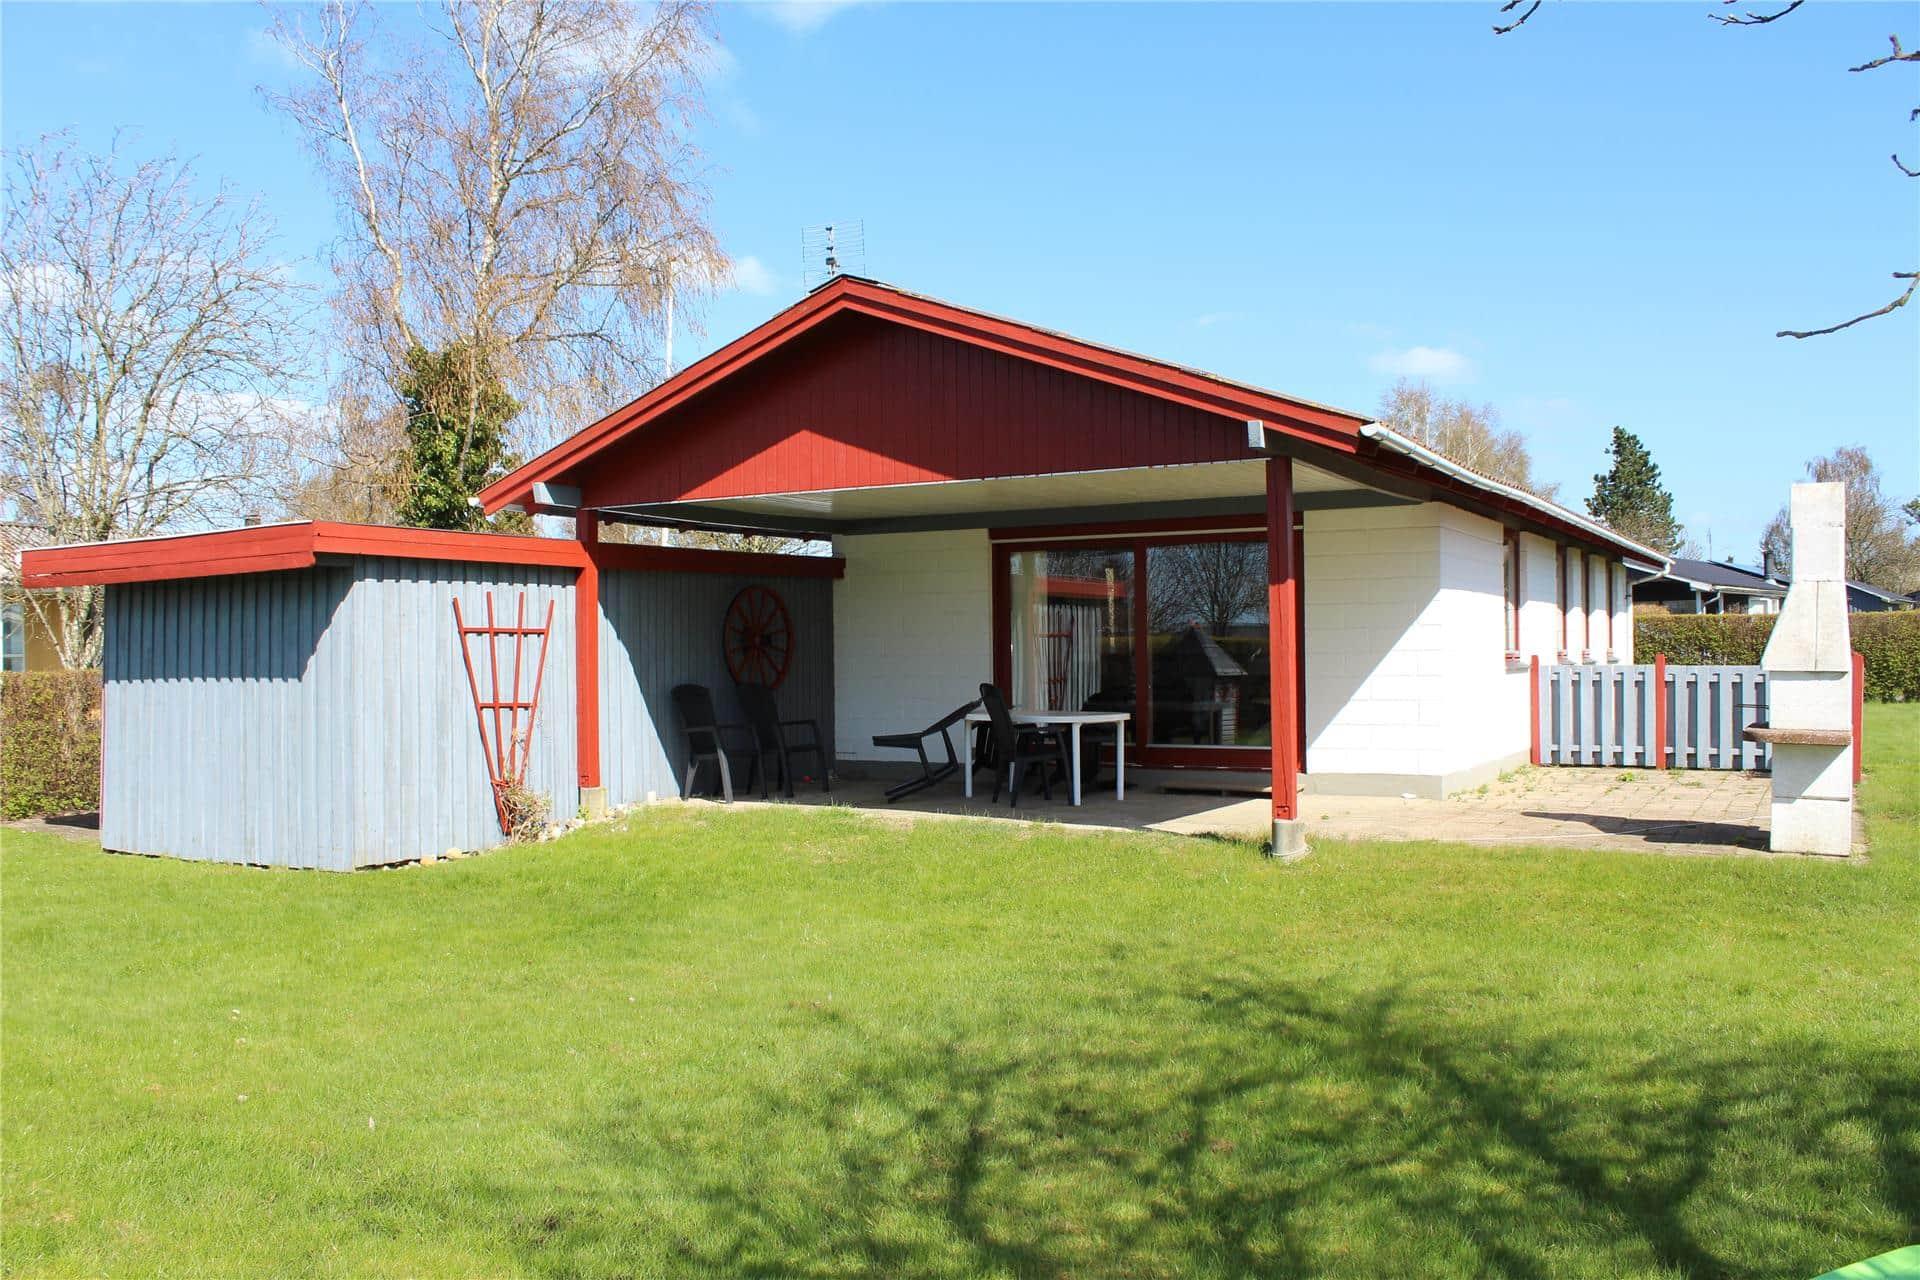 Billede 1-3 Sommerhus M68003, Humlevænget 7, DK - 5700 Svendborg